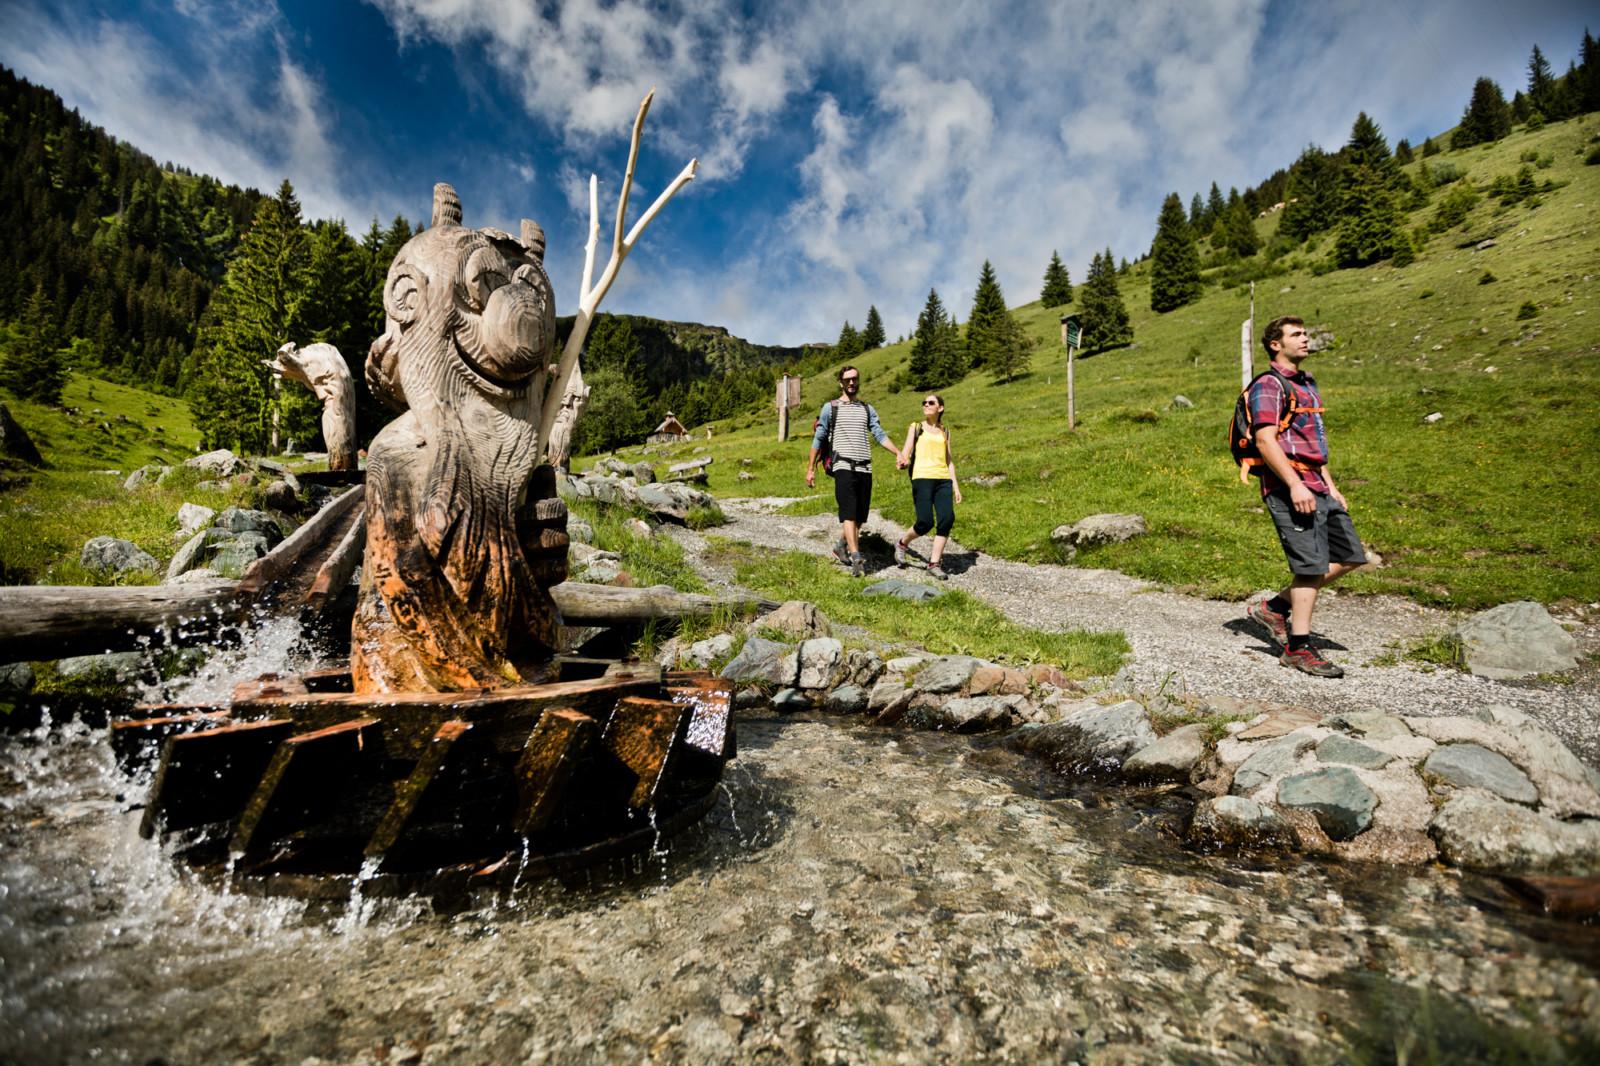 c Mirja Geh Waldgeister tanzen im Wasser.